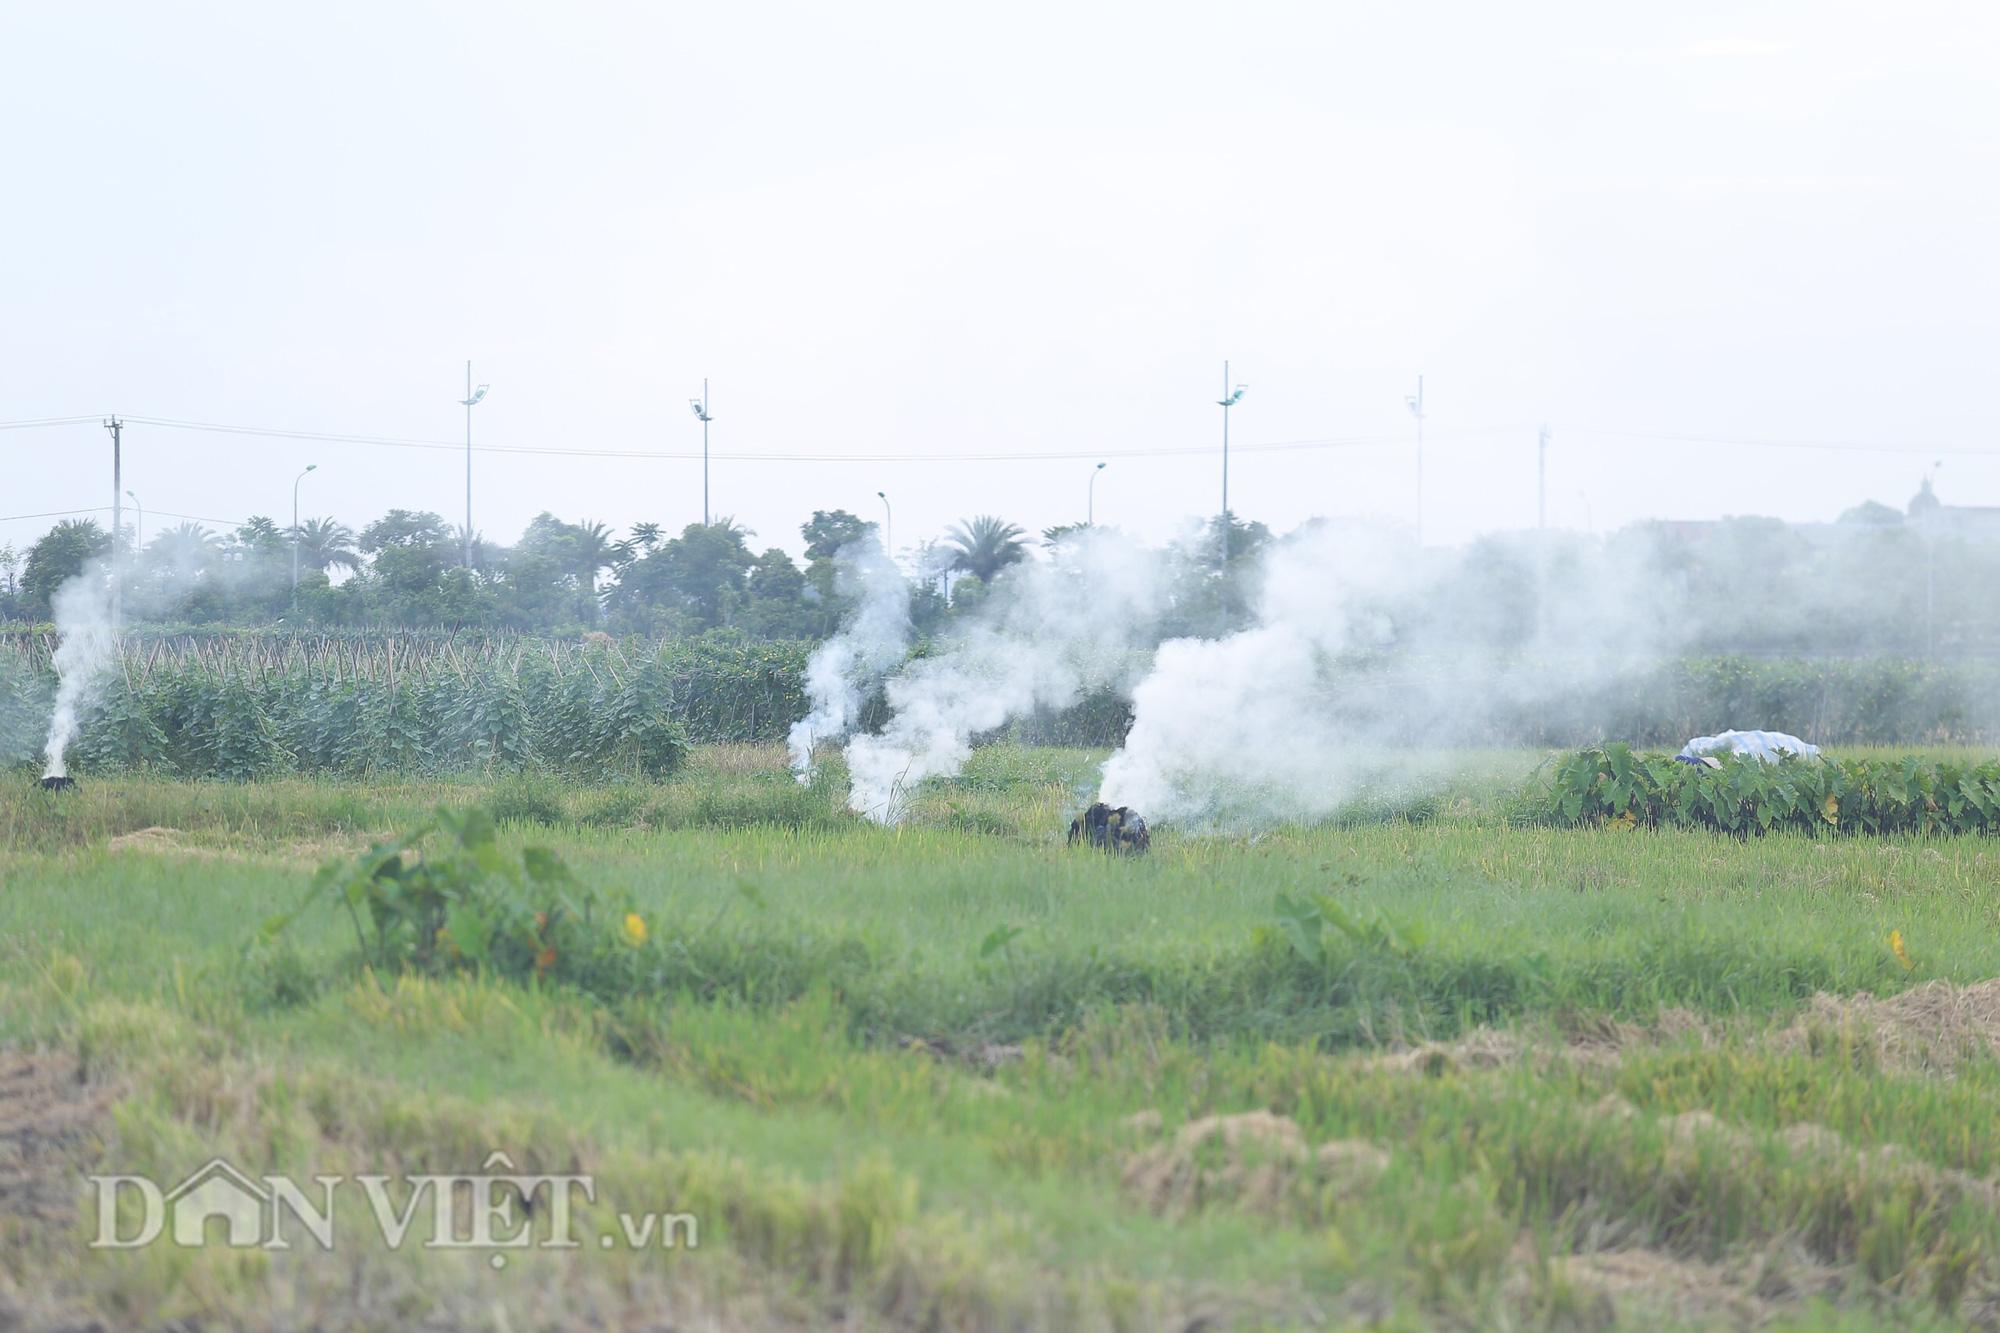 Vì sao tình trạng đốt rơm rạ vẫn liên tục tái diễn ở các vùng ngoại thành Hà Nội? - Ảnh 1.